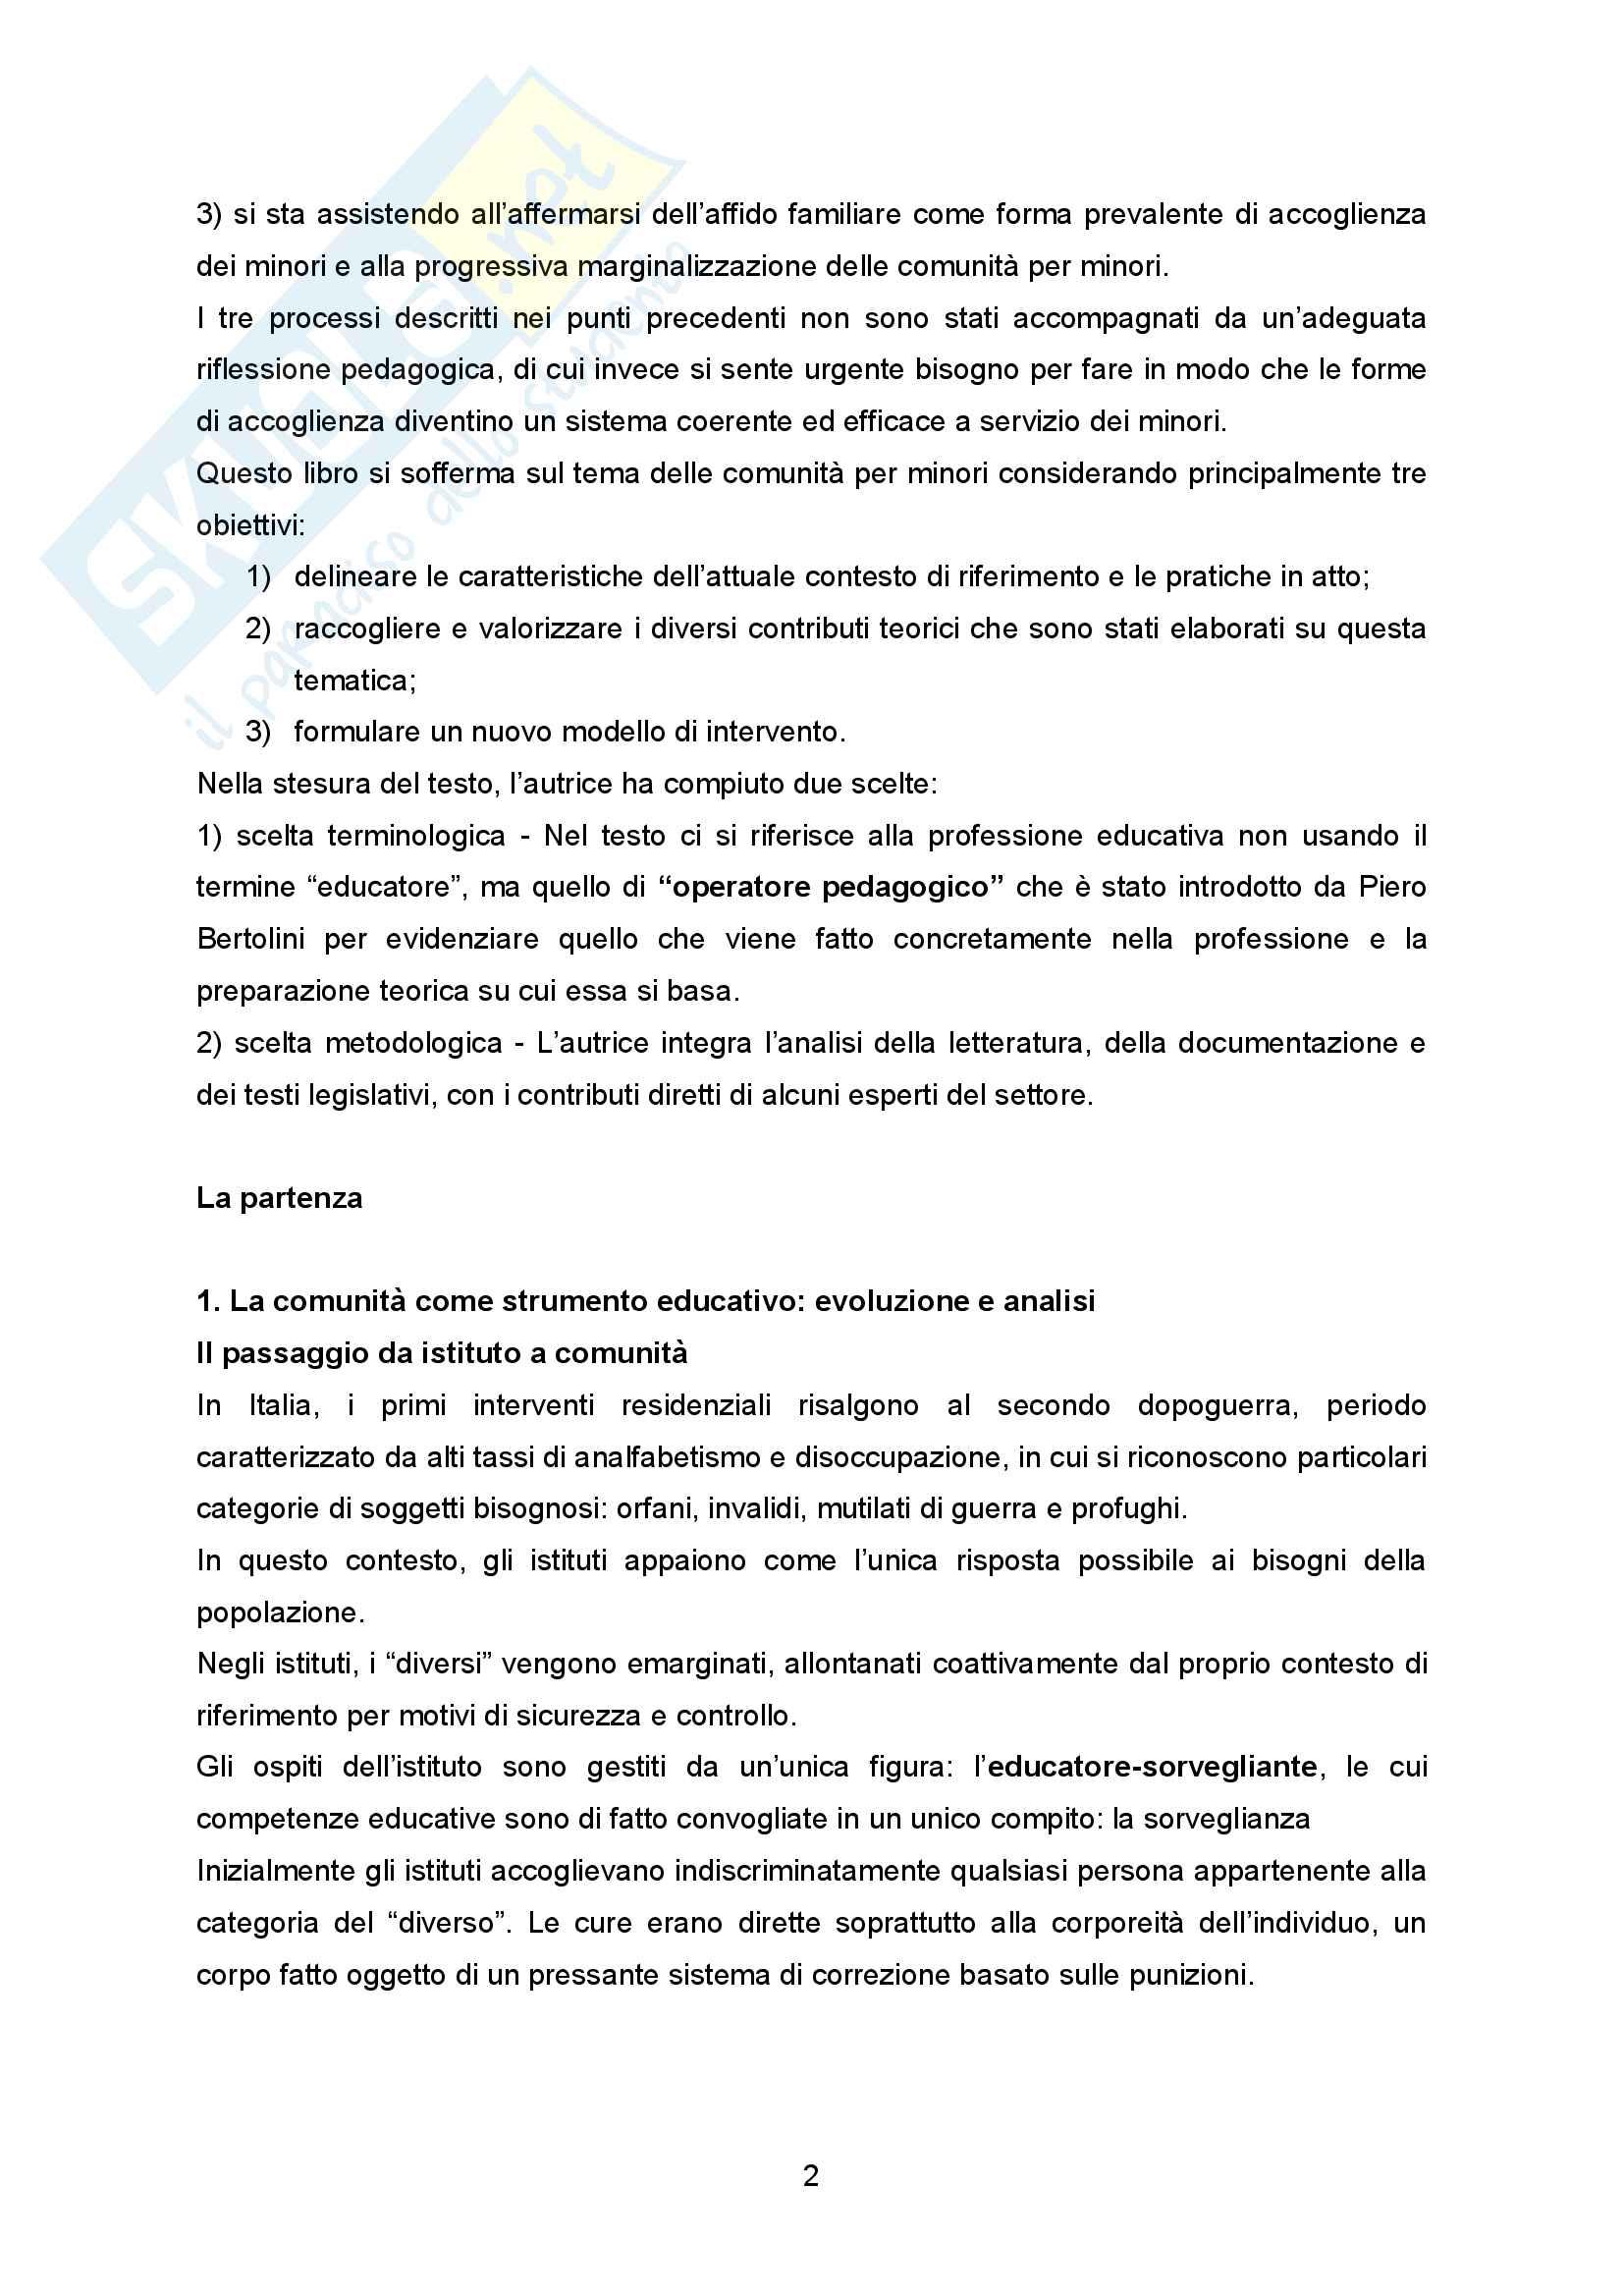 """Sunto Pedagogia dell'adolescenza, prof Barone libro consigliato """"La comunità per minori - Un modello pedagogico"""" di Alessandra Tibollo Pag. 2"""